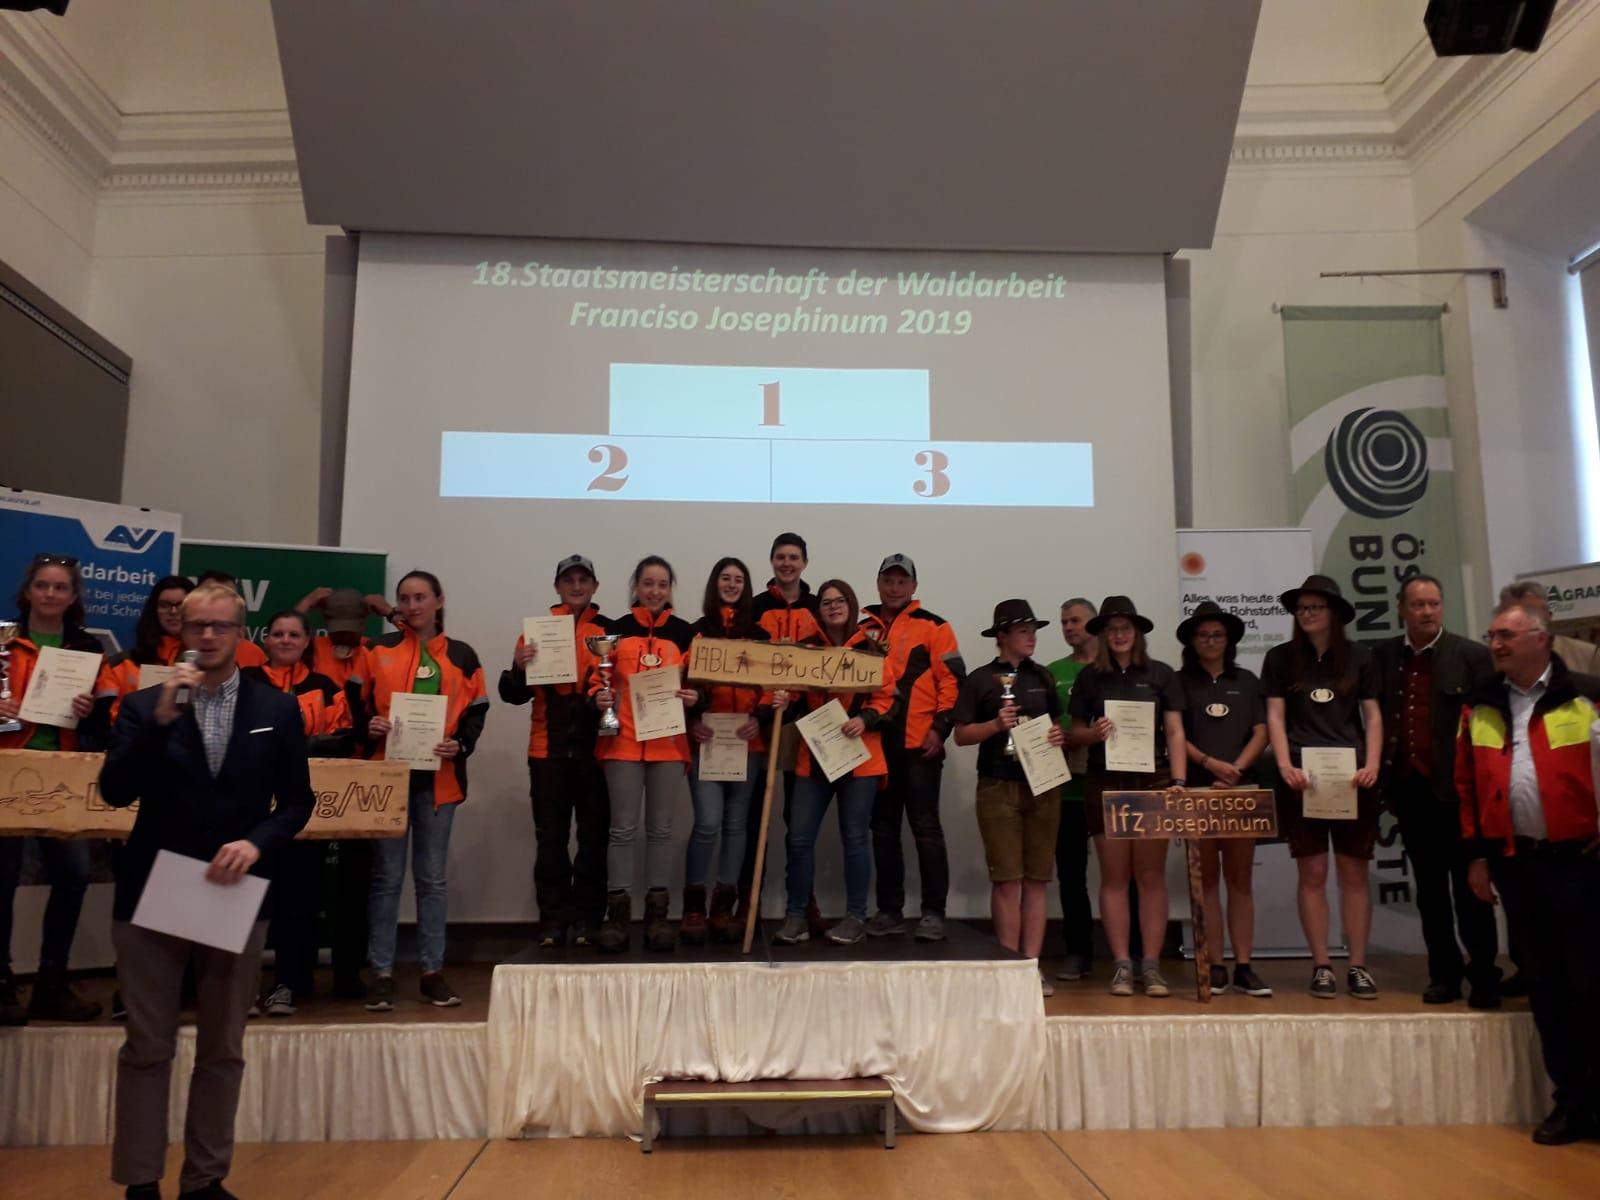 18. Schülerstaatsmeisterschaft der Waldarbeit 2019 (2002 von EUROPEA Austria initiiert)